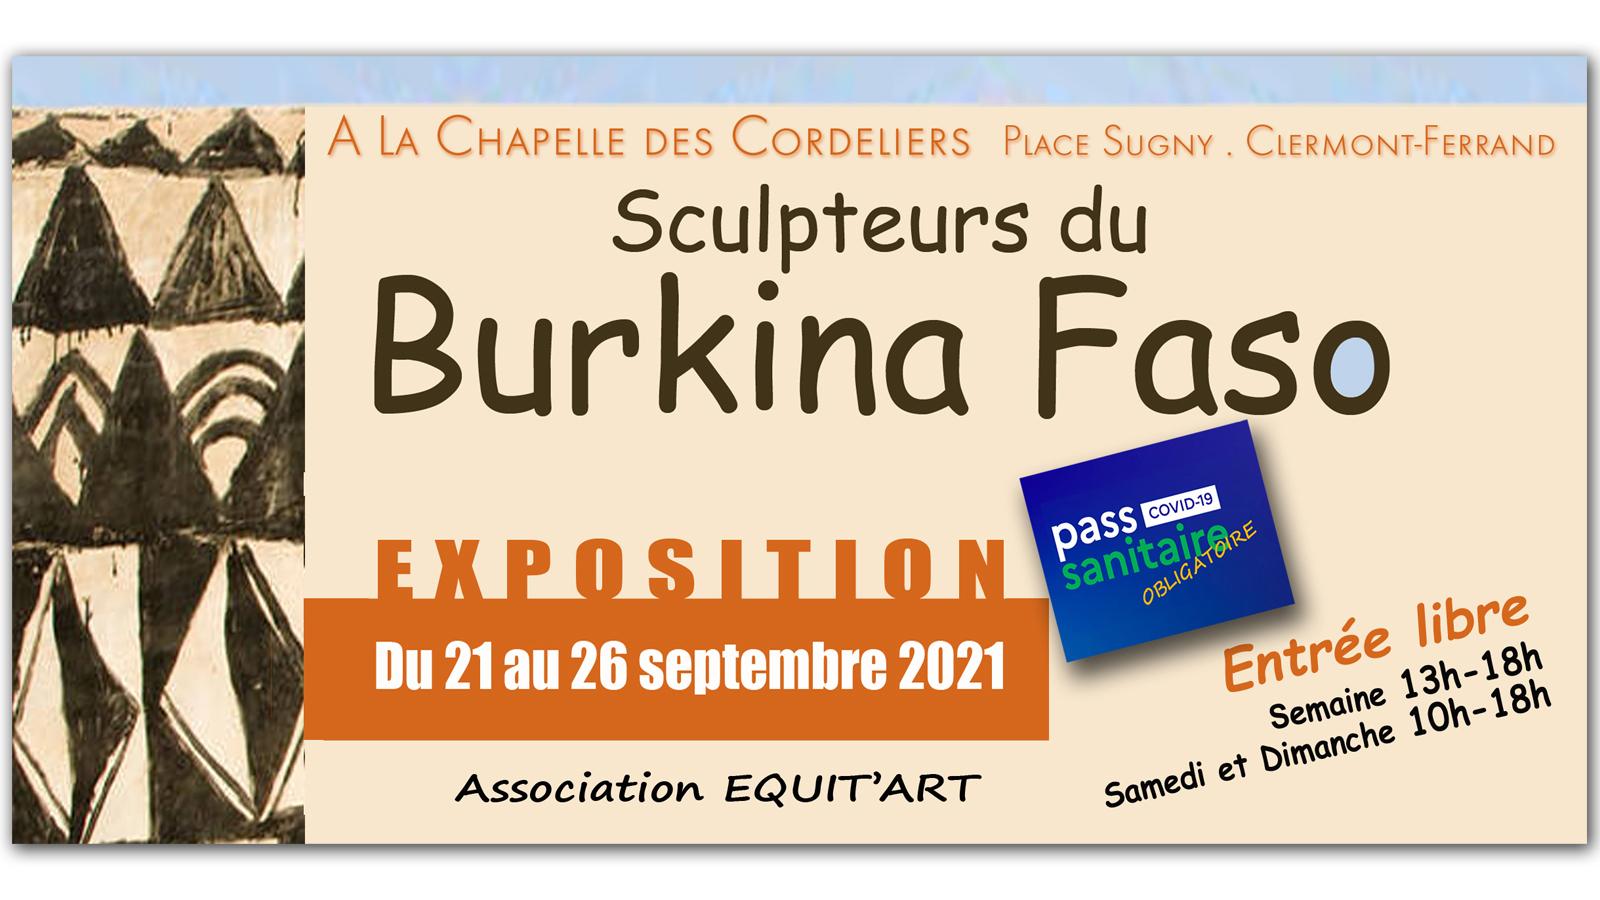 © Sculpteurs du BURKINA FASO